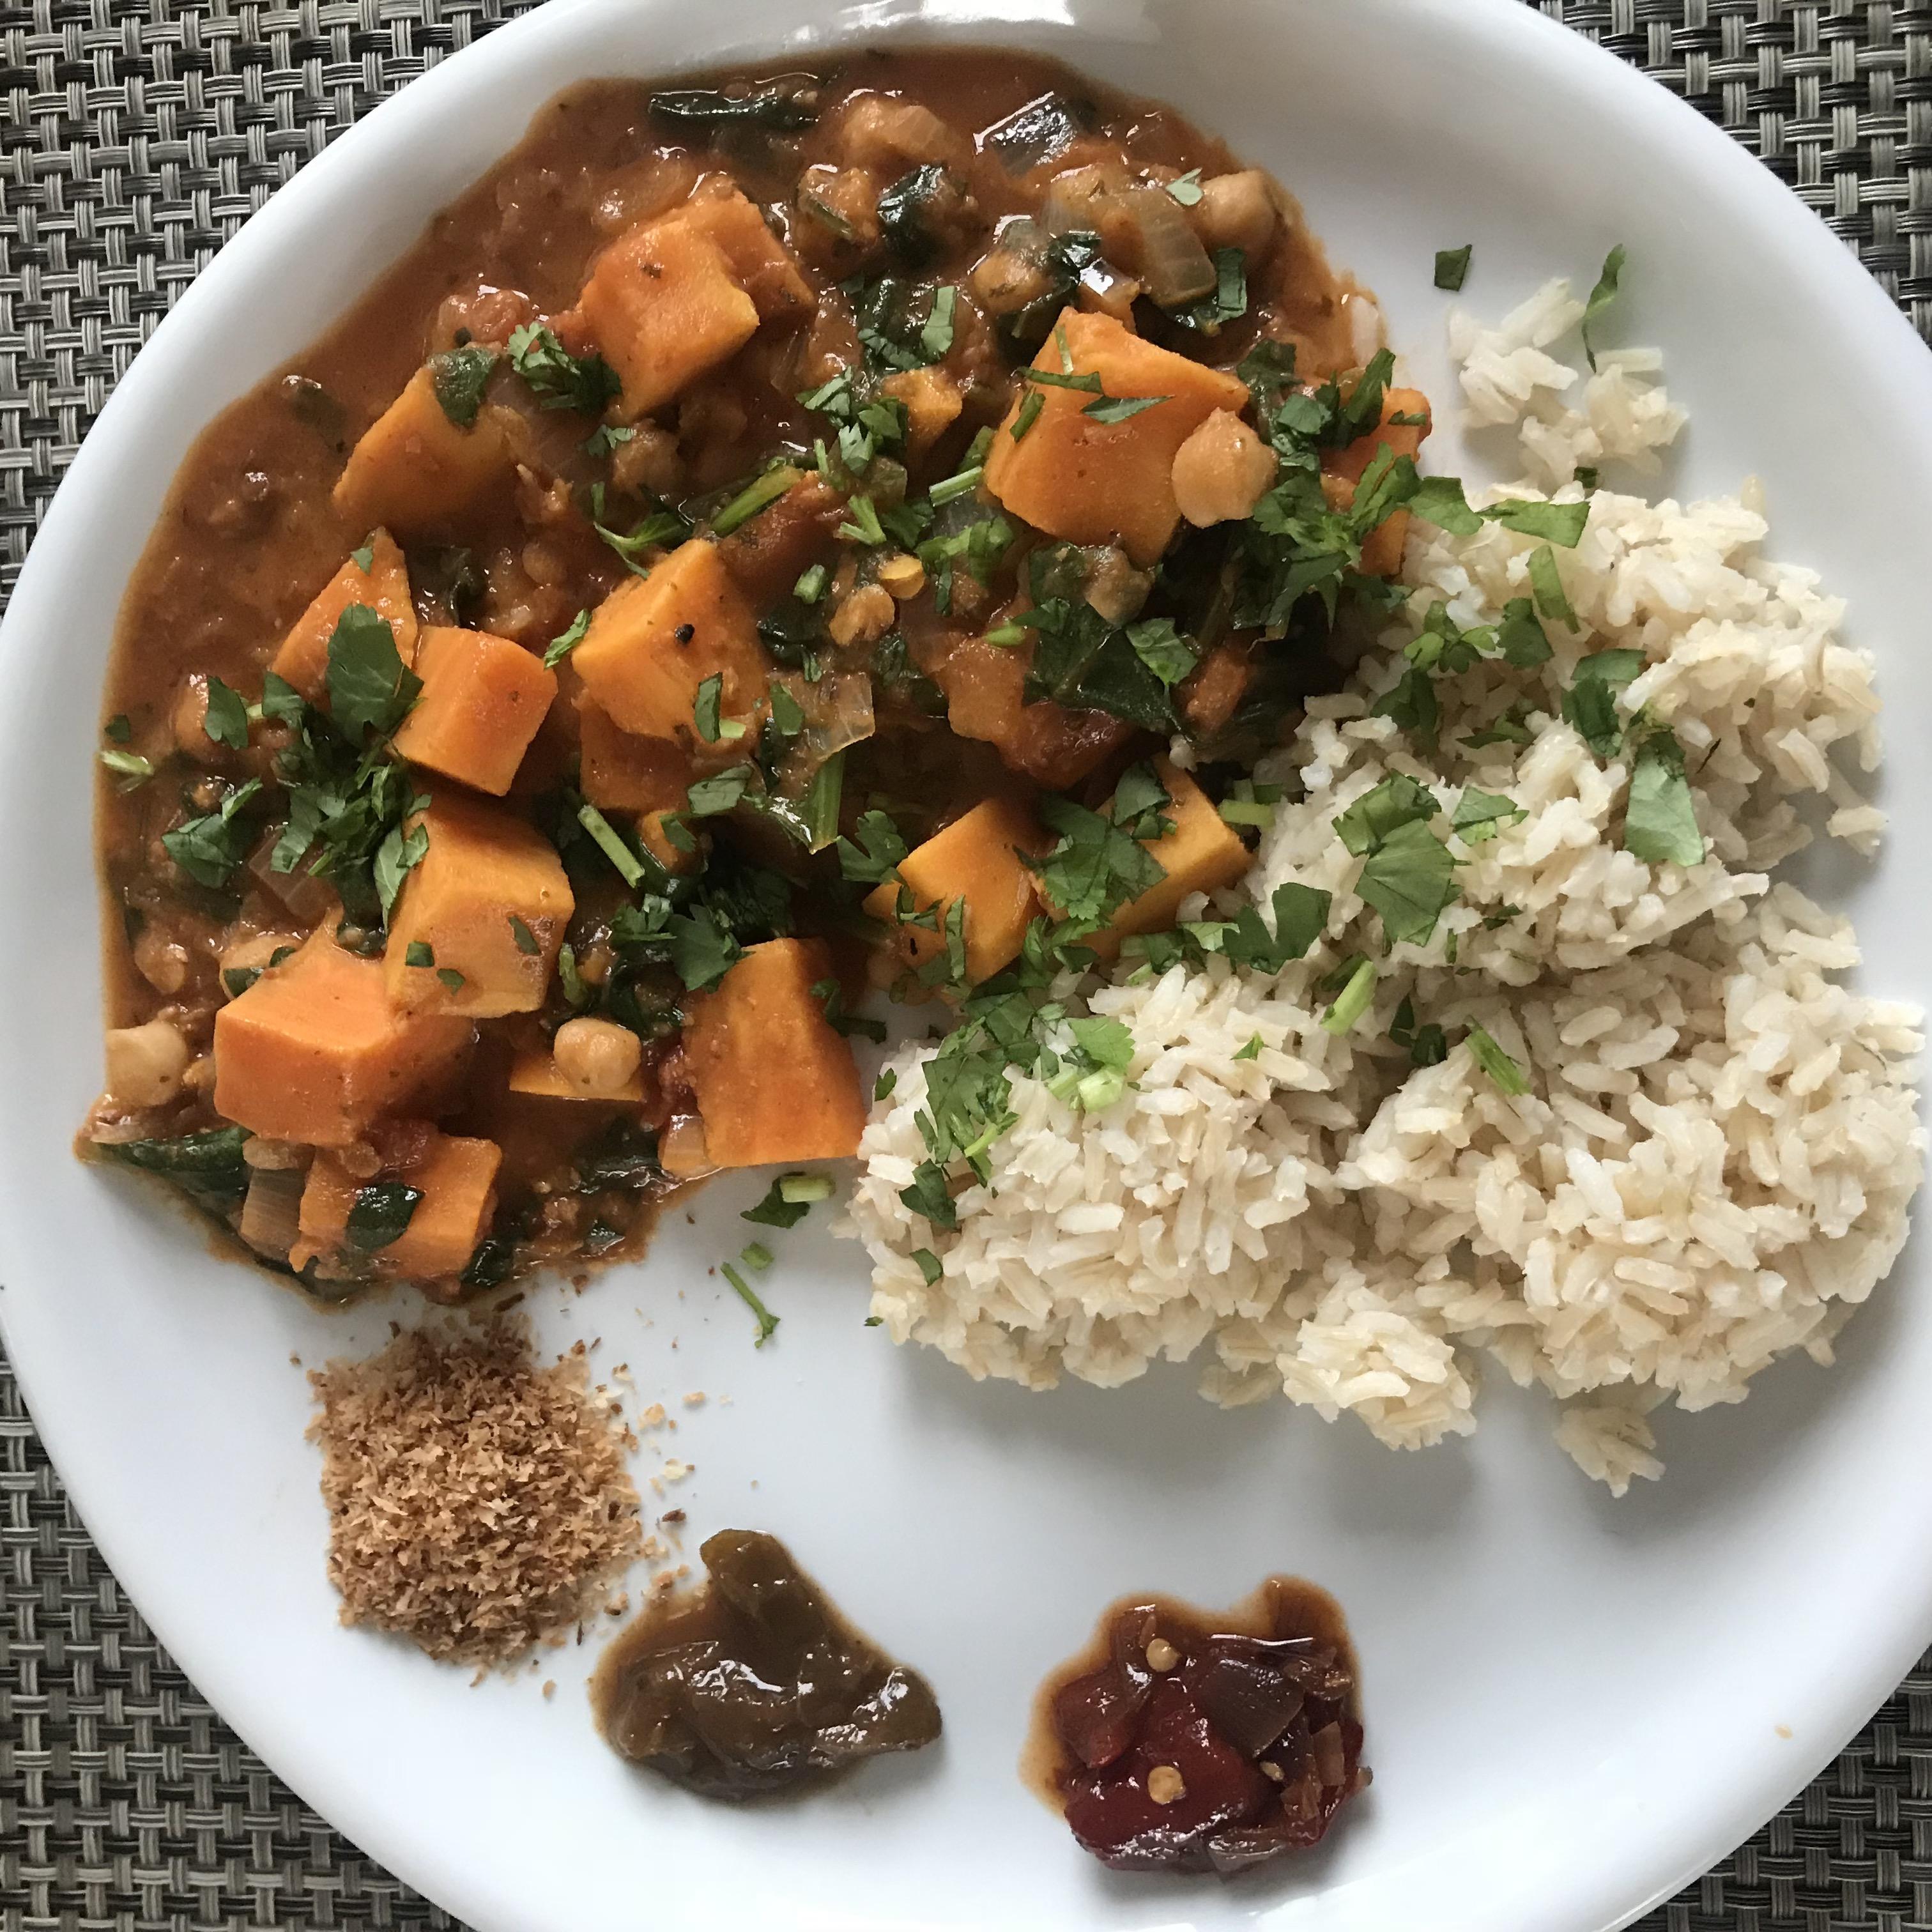 lekker bij een pittige curry